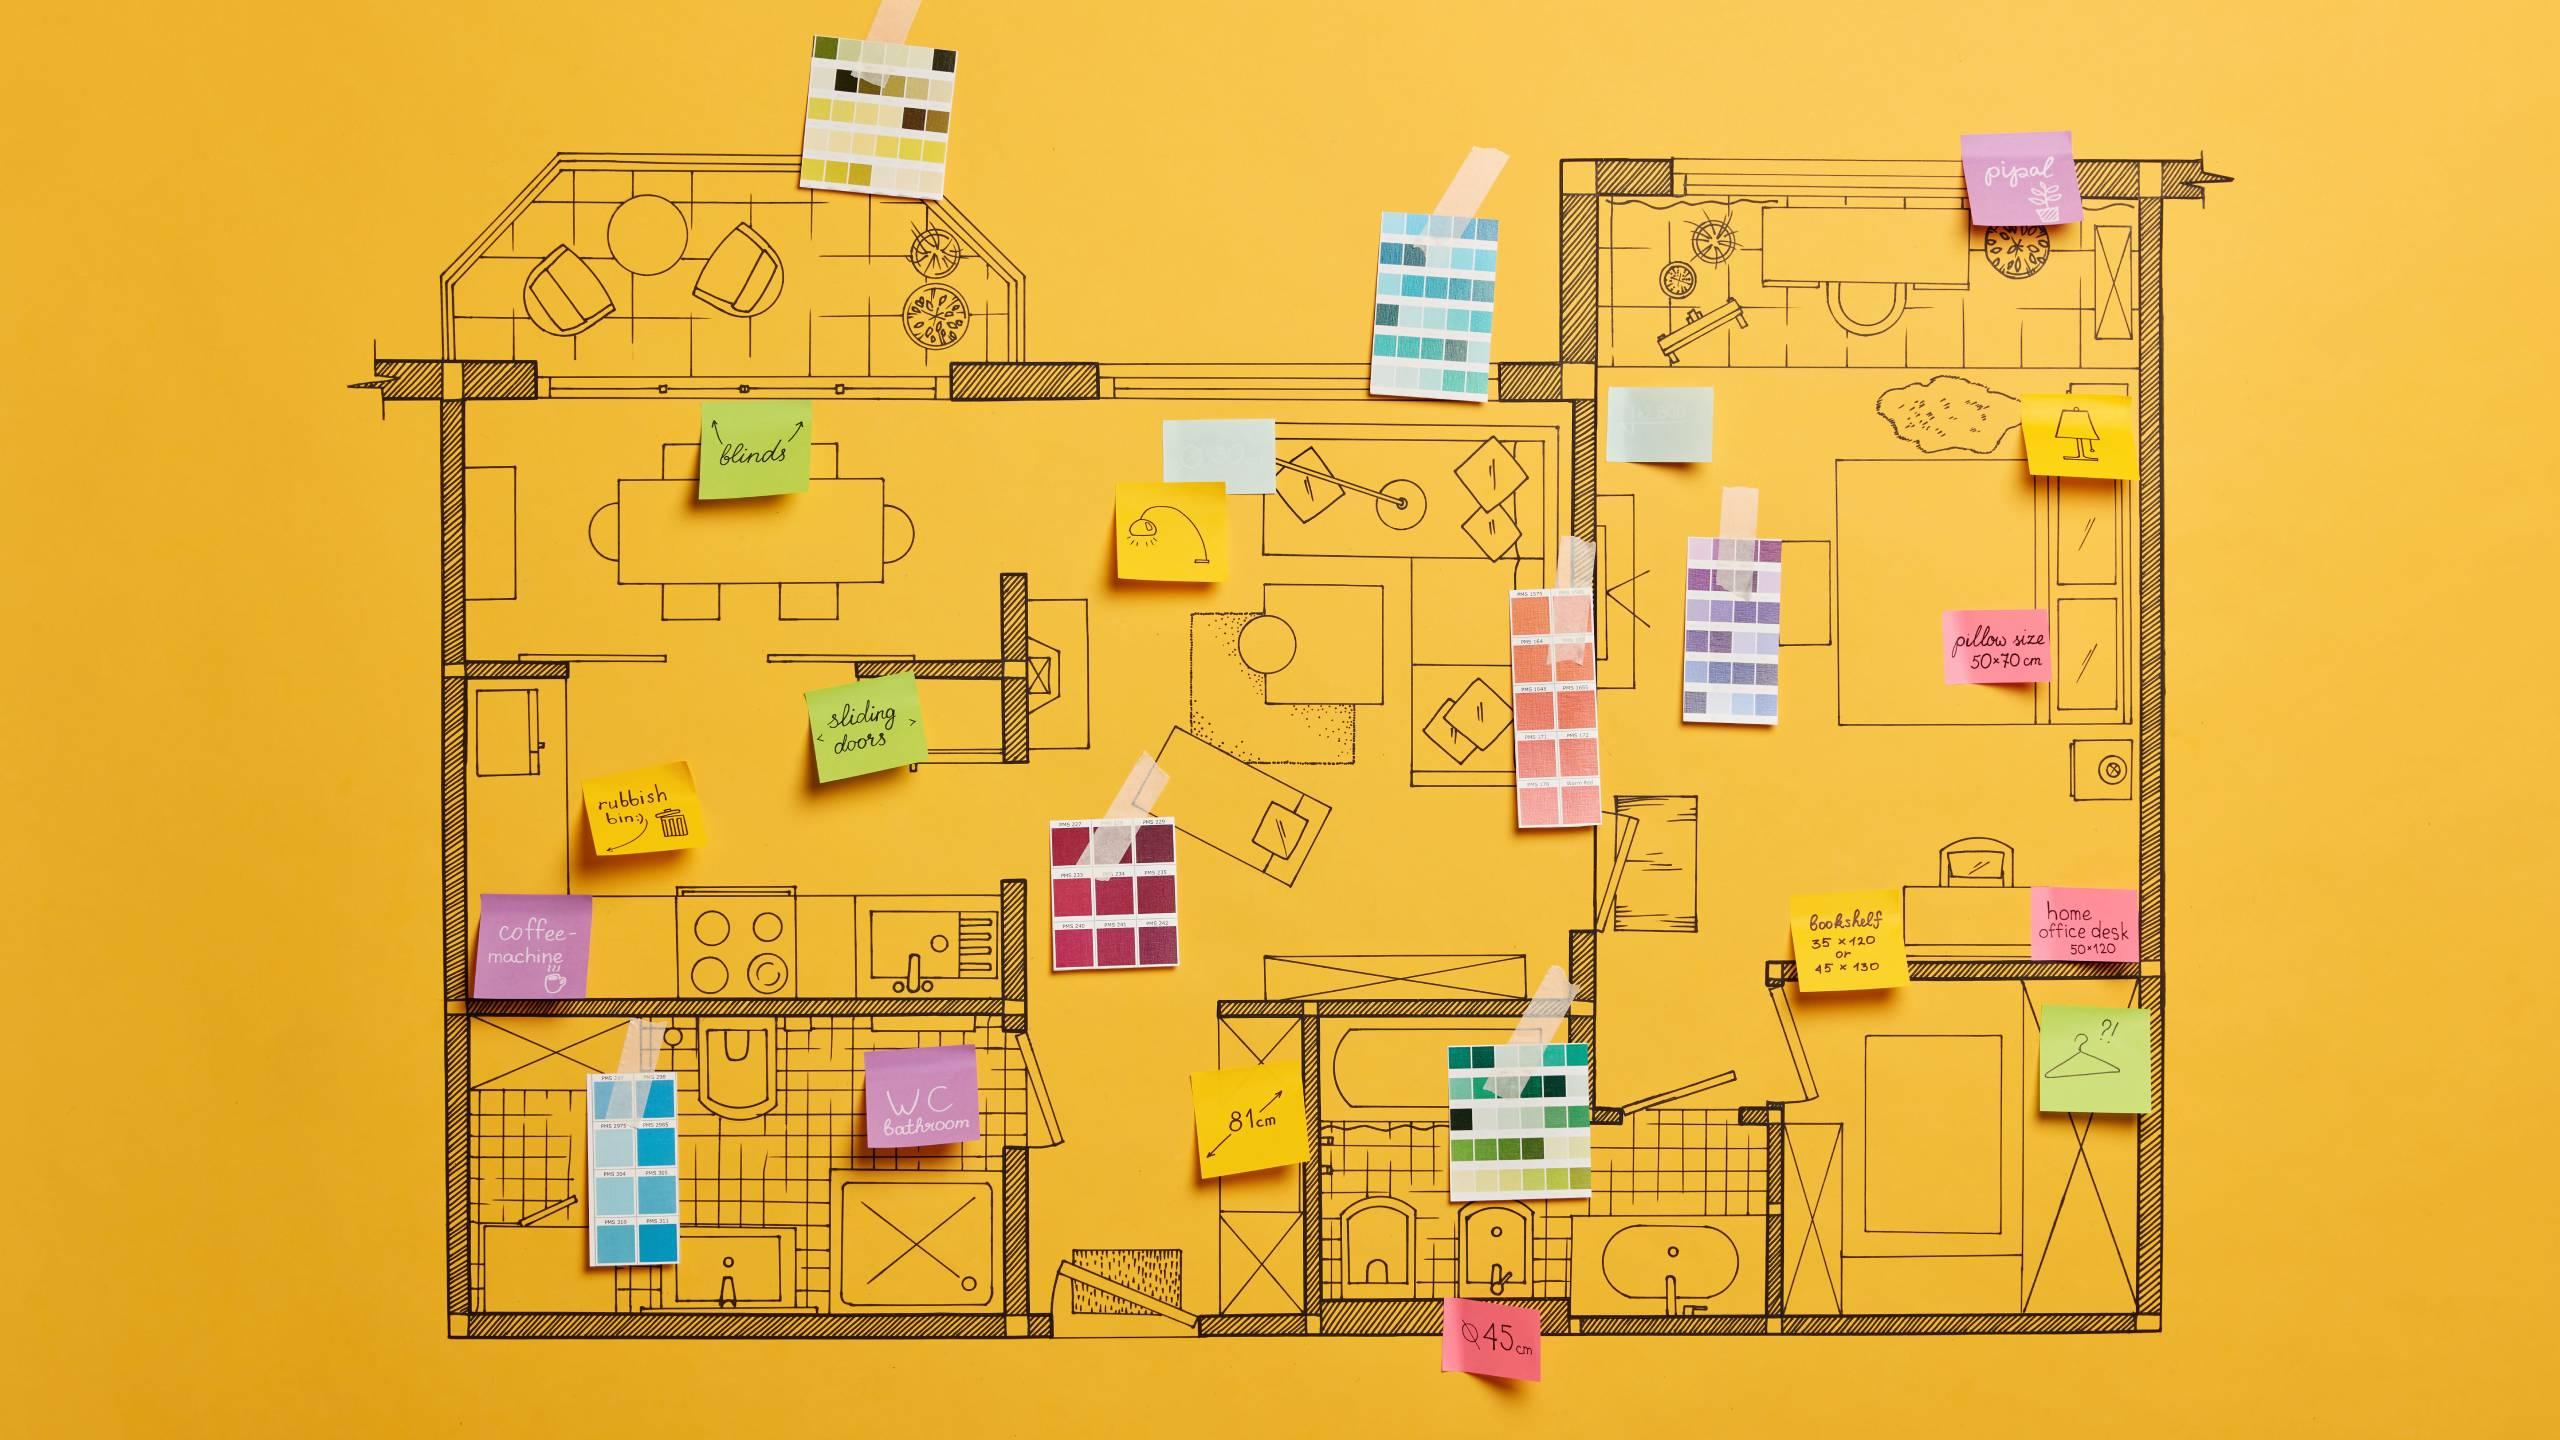 Wir helfen Ihnen, den richtigen Plan zur Verbesserung Ihrer Marke zu erstellen